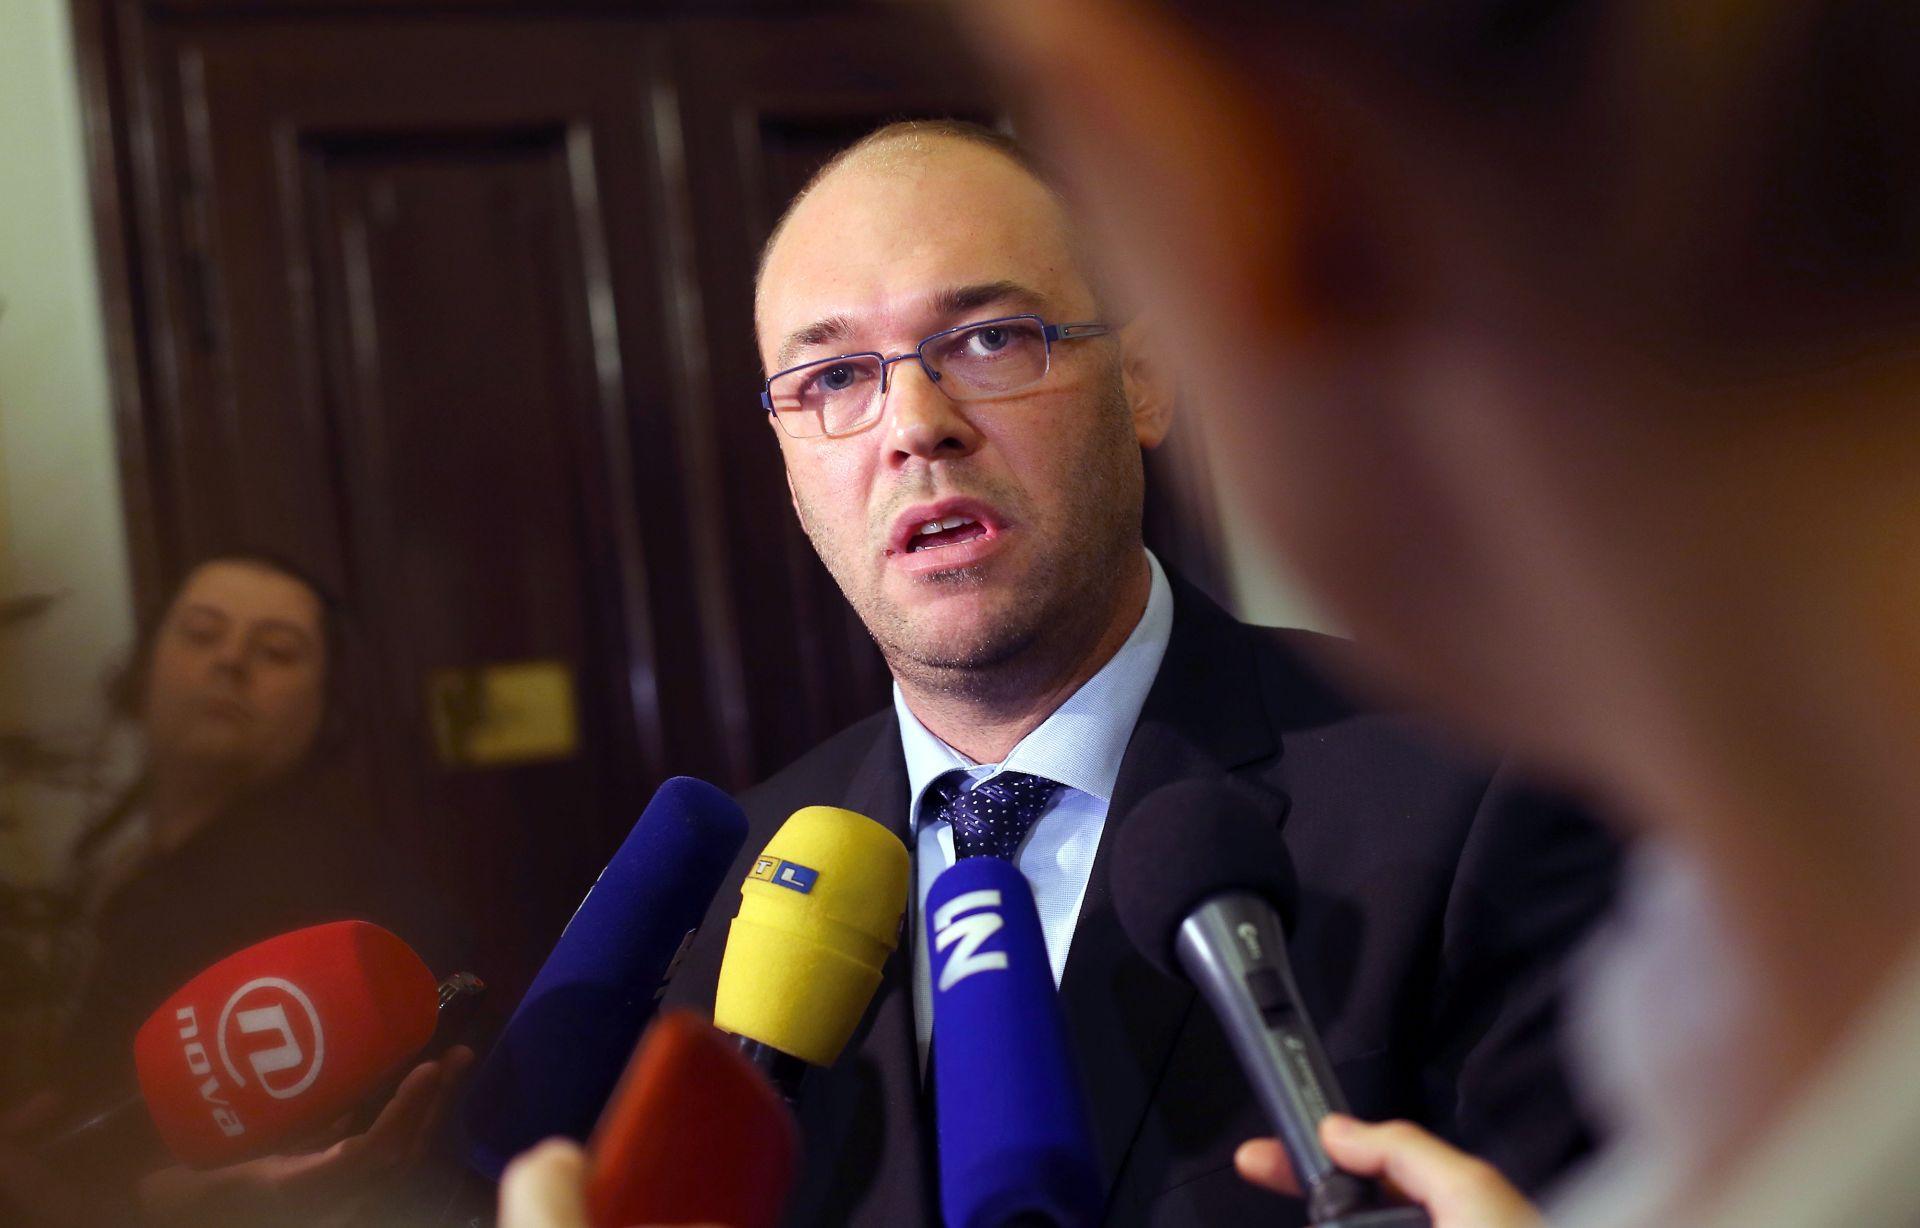 DAVOR IVO STIER: 'Uvjeren sam da će Kovač imati istaknutu ulogu u Hrvatskom saboru'